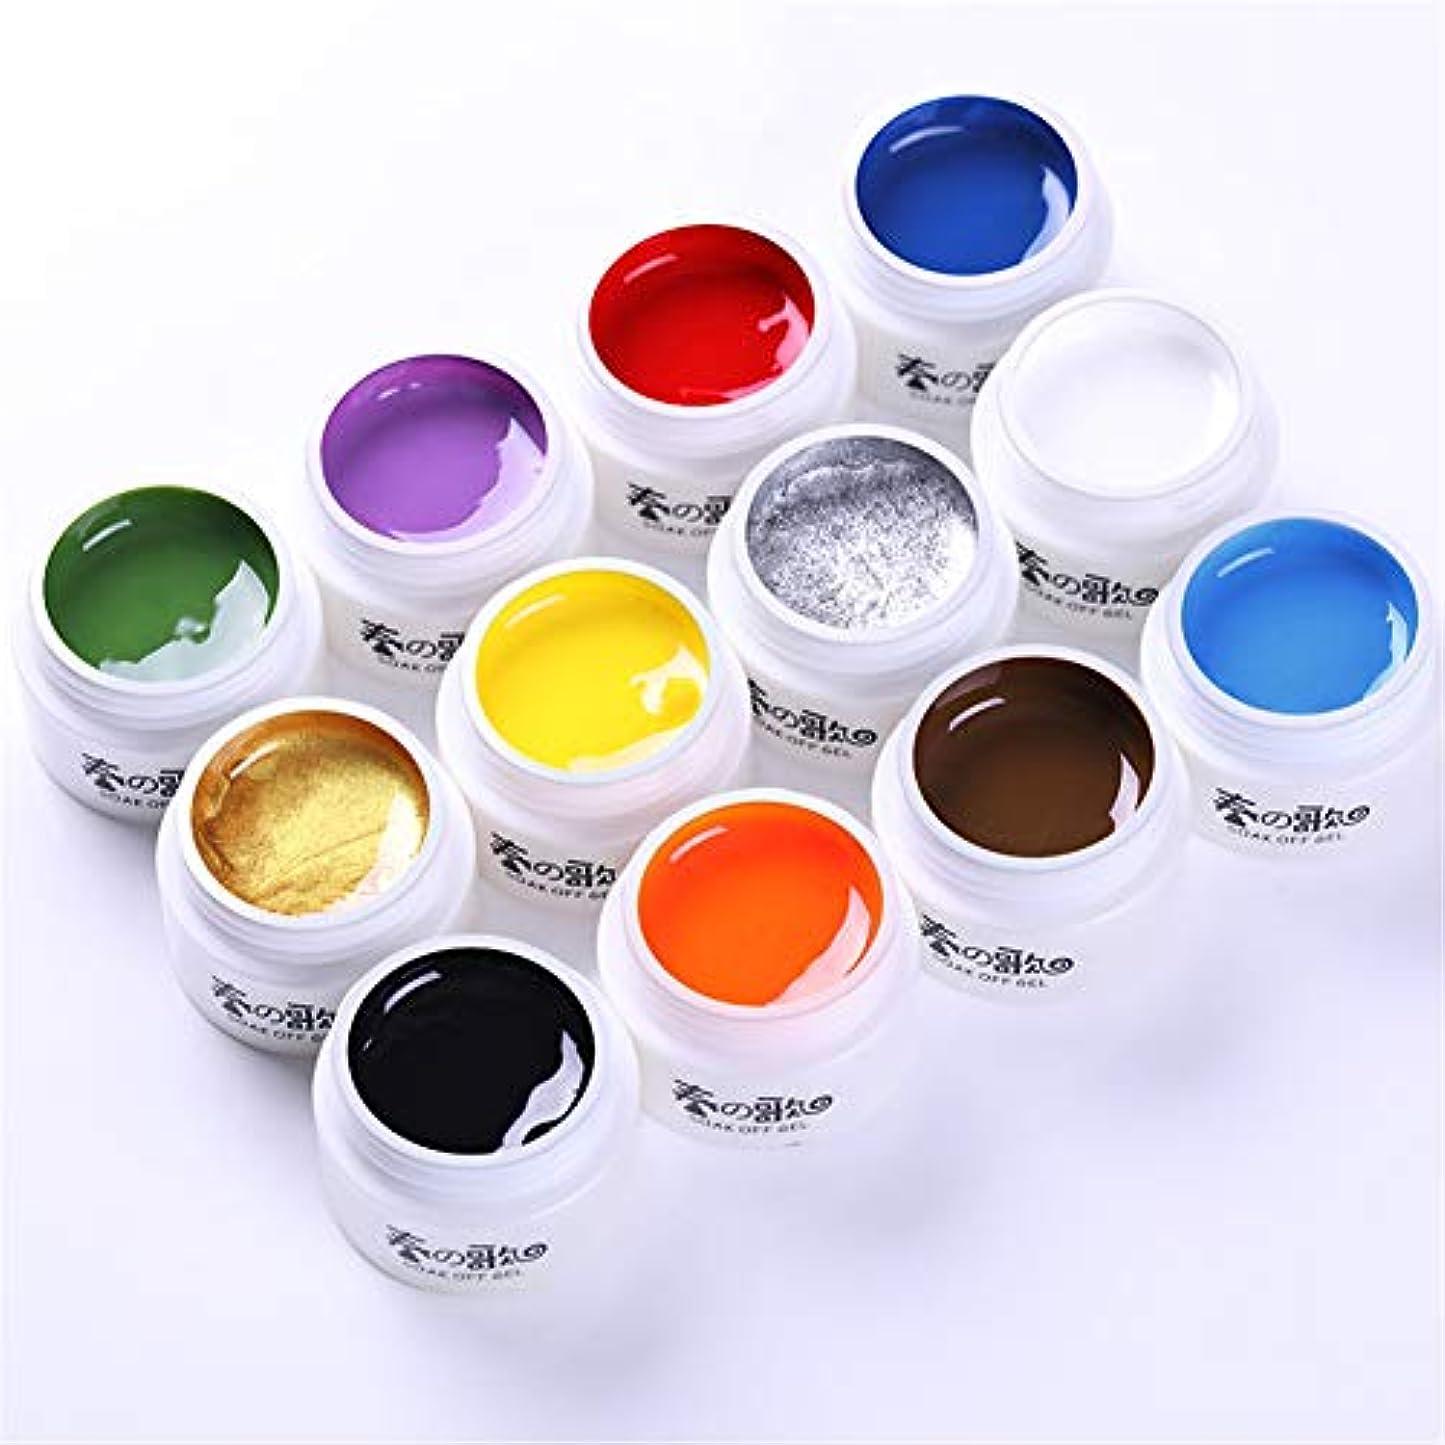 充電ロック解除ビスケット春の歌 アート専用のカラージェル ライナージェル ものすごく色が濃いカラージェル ラインを引くためのジェル、アクリル絵の具よりも柔らかく使いやすいジェル LED/UV両方対応 [並行輸入品]